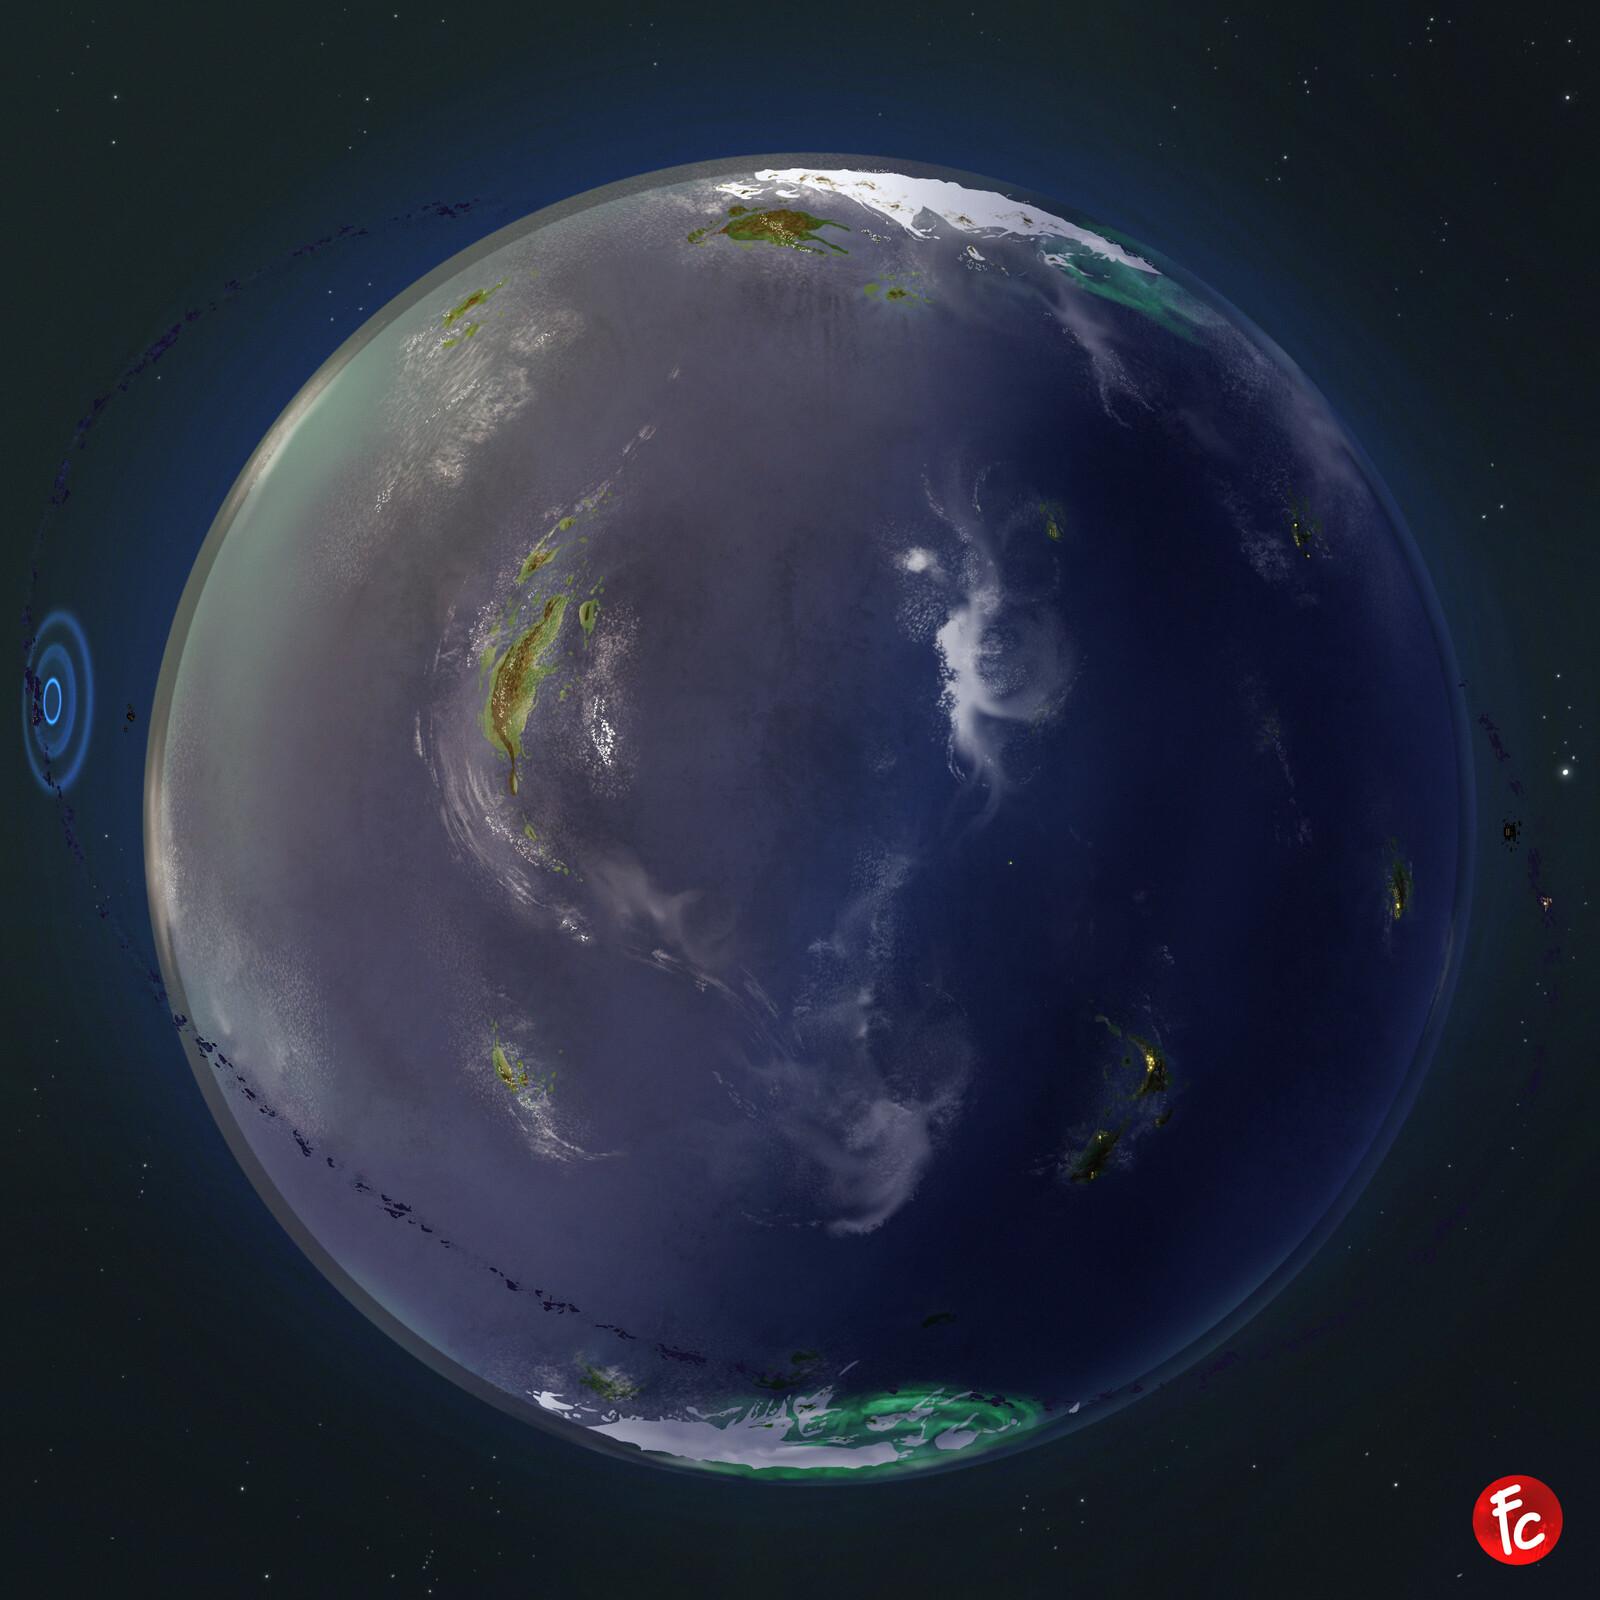 Totanus - Giant Ocean World